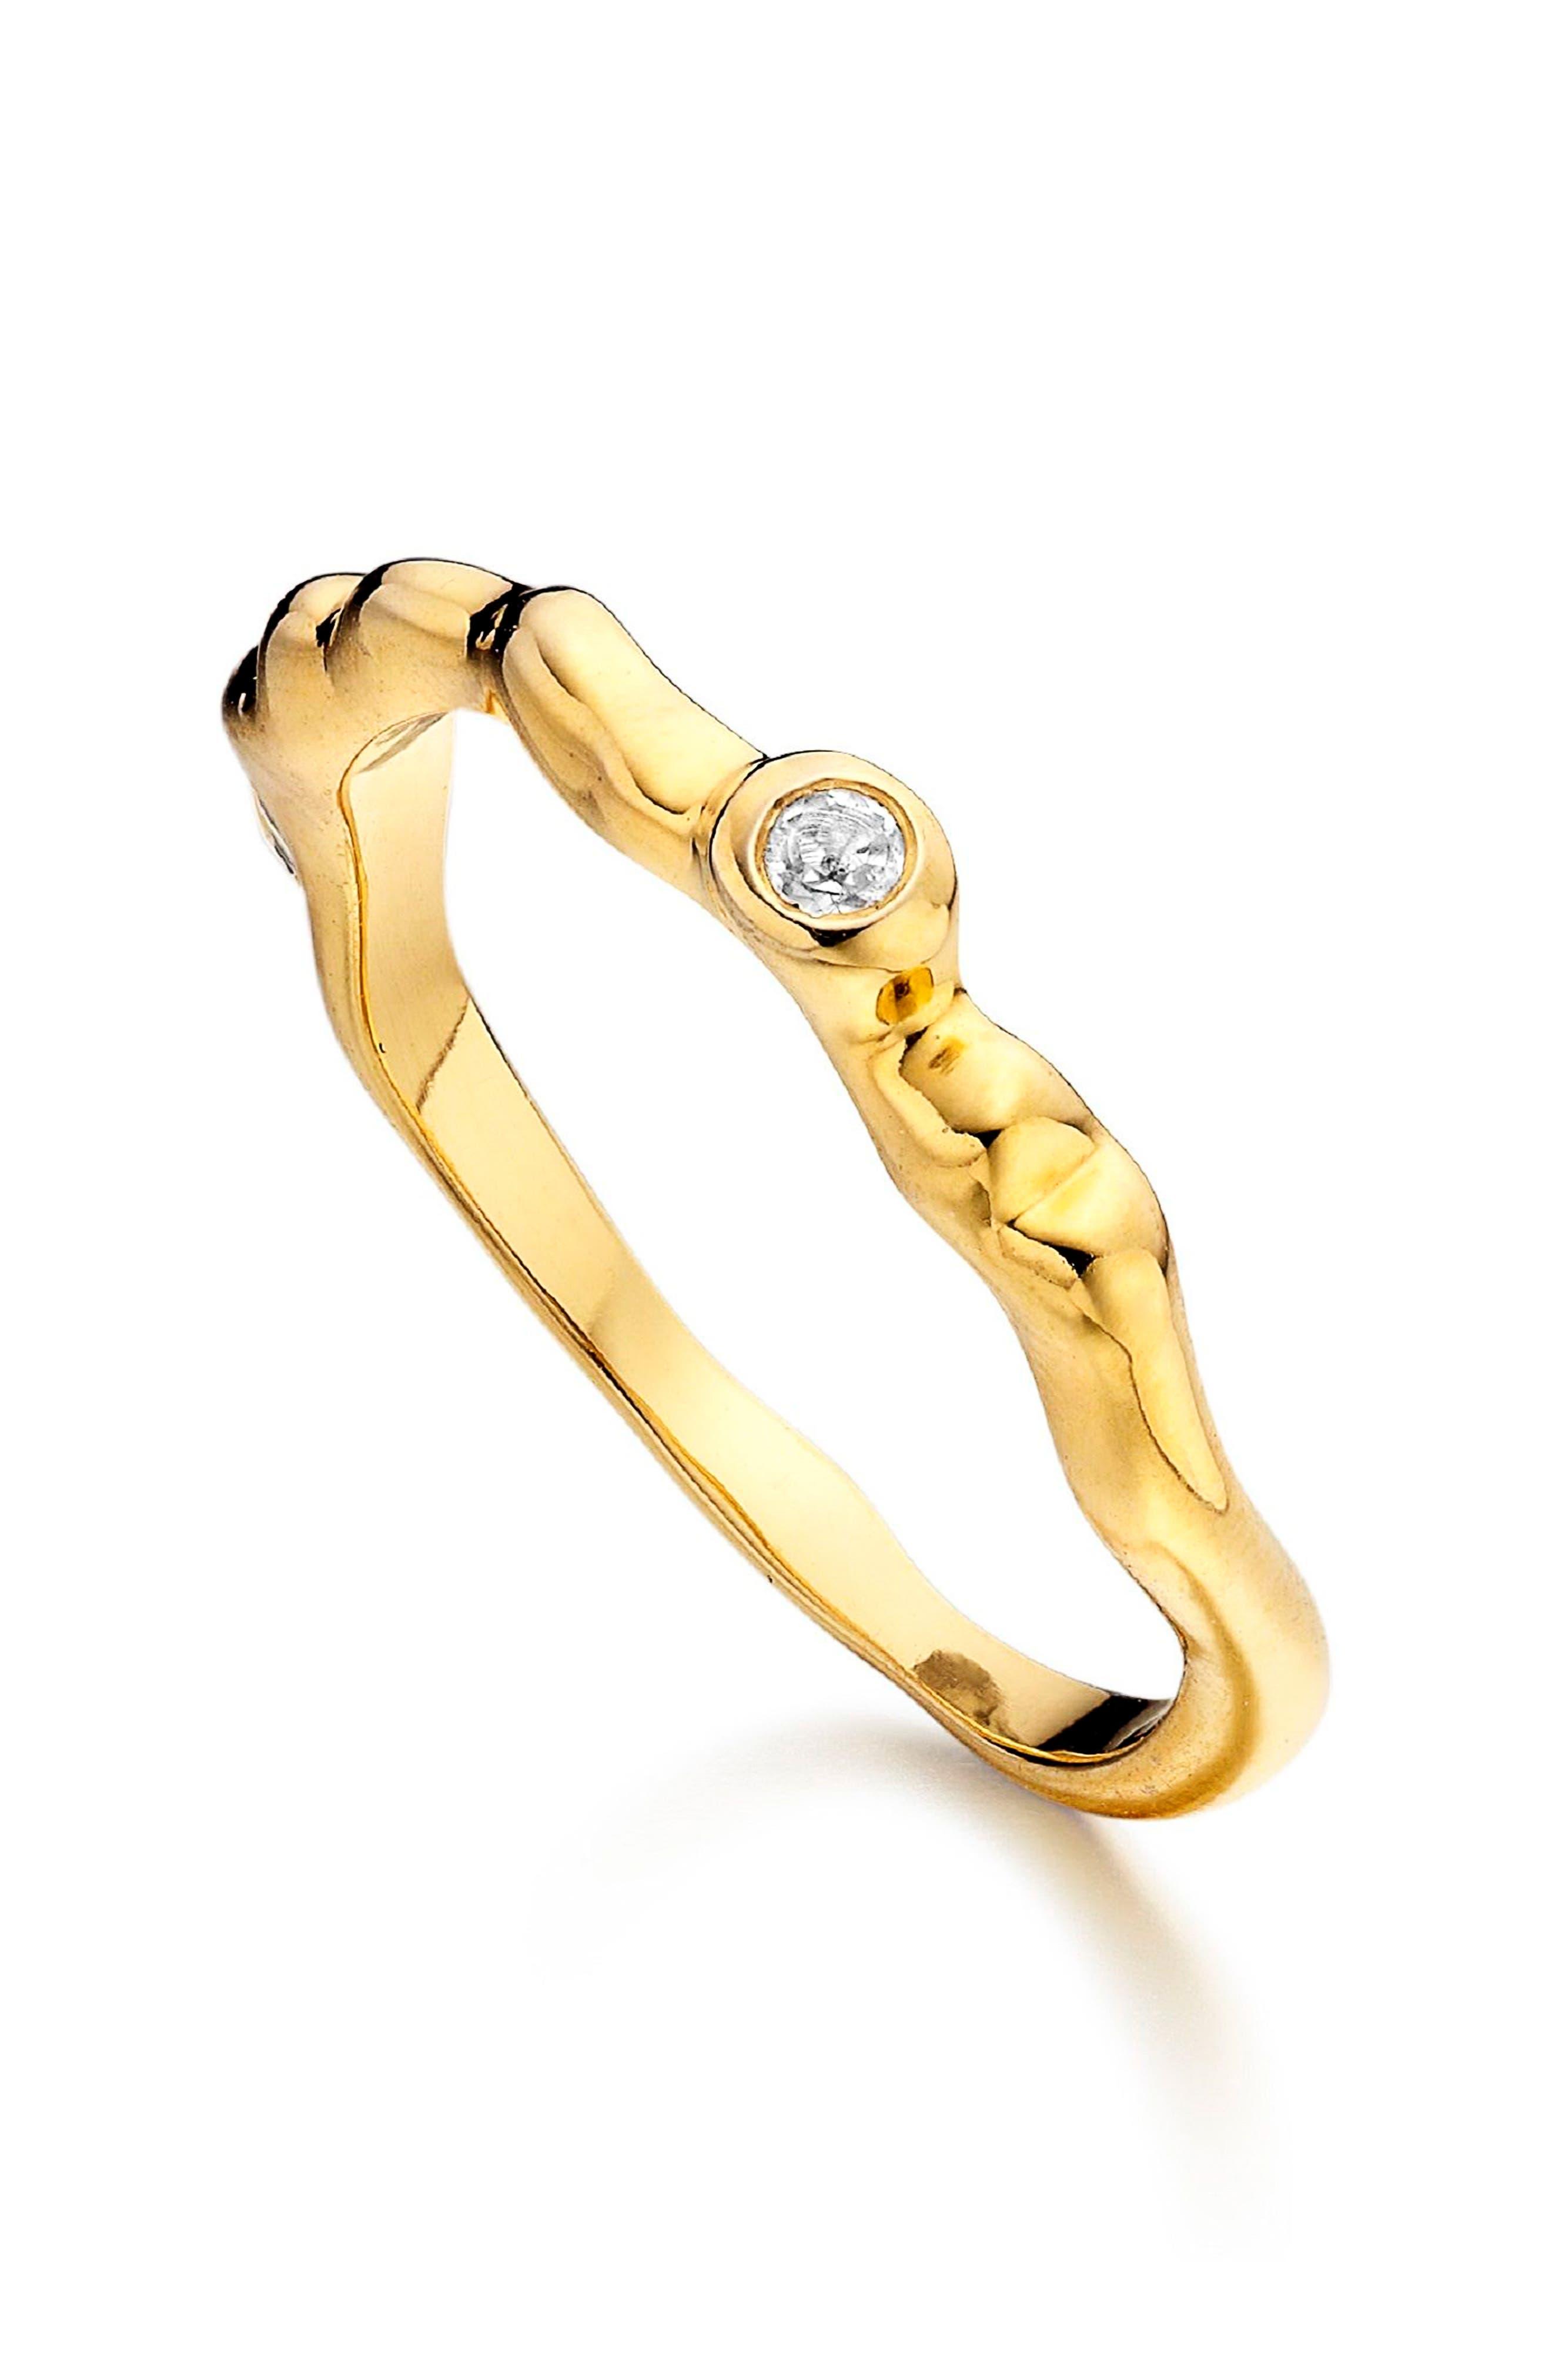 MONICA VINADER Siren Band Ring, Main, color, GOLD/ WHITE TOPAZ